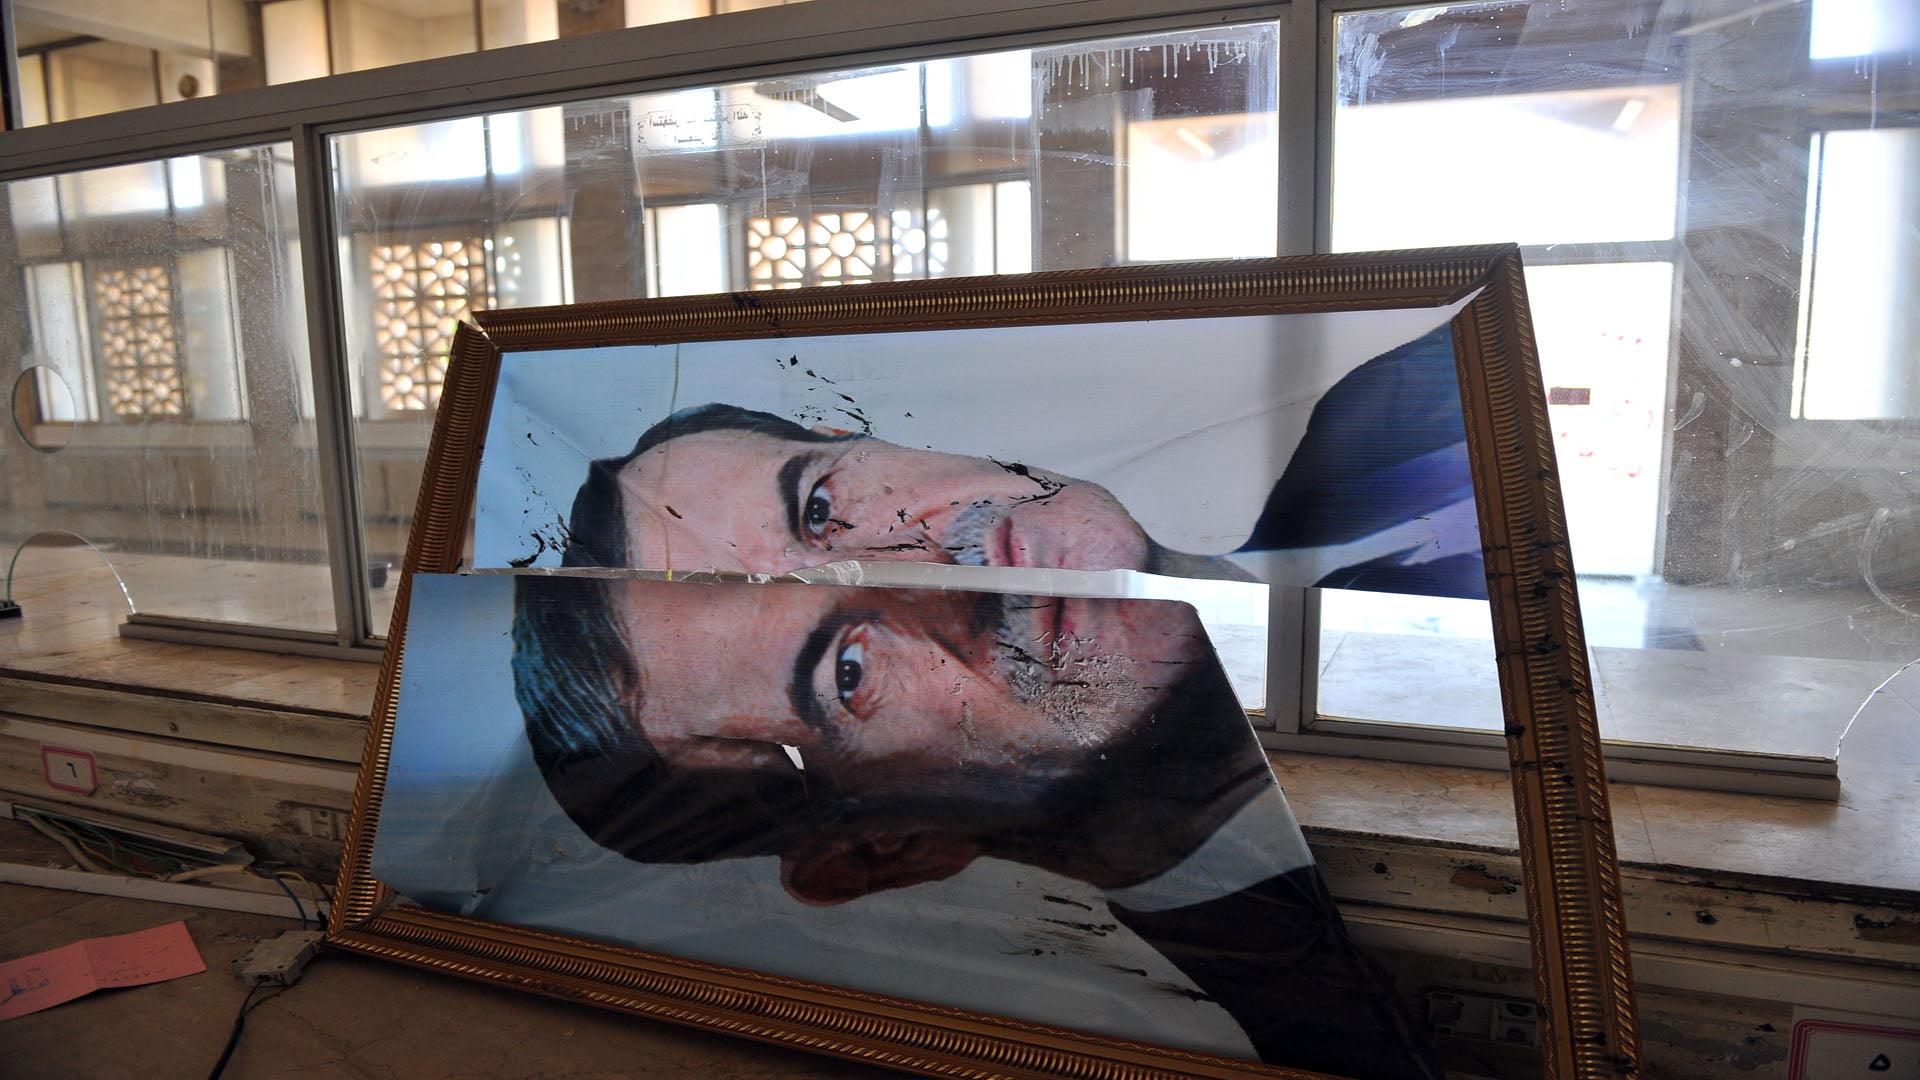 الكشف عن رسالة سريّة بين حافظ الأسد وإسرائيل تَسمَح له بإدخال قُوّاته إلى لبنان